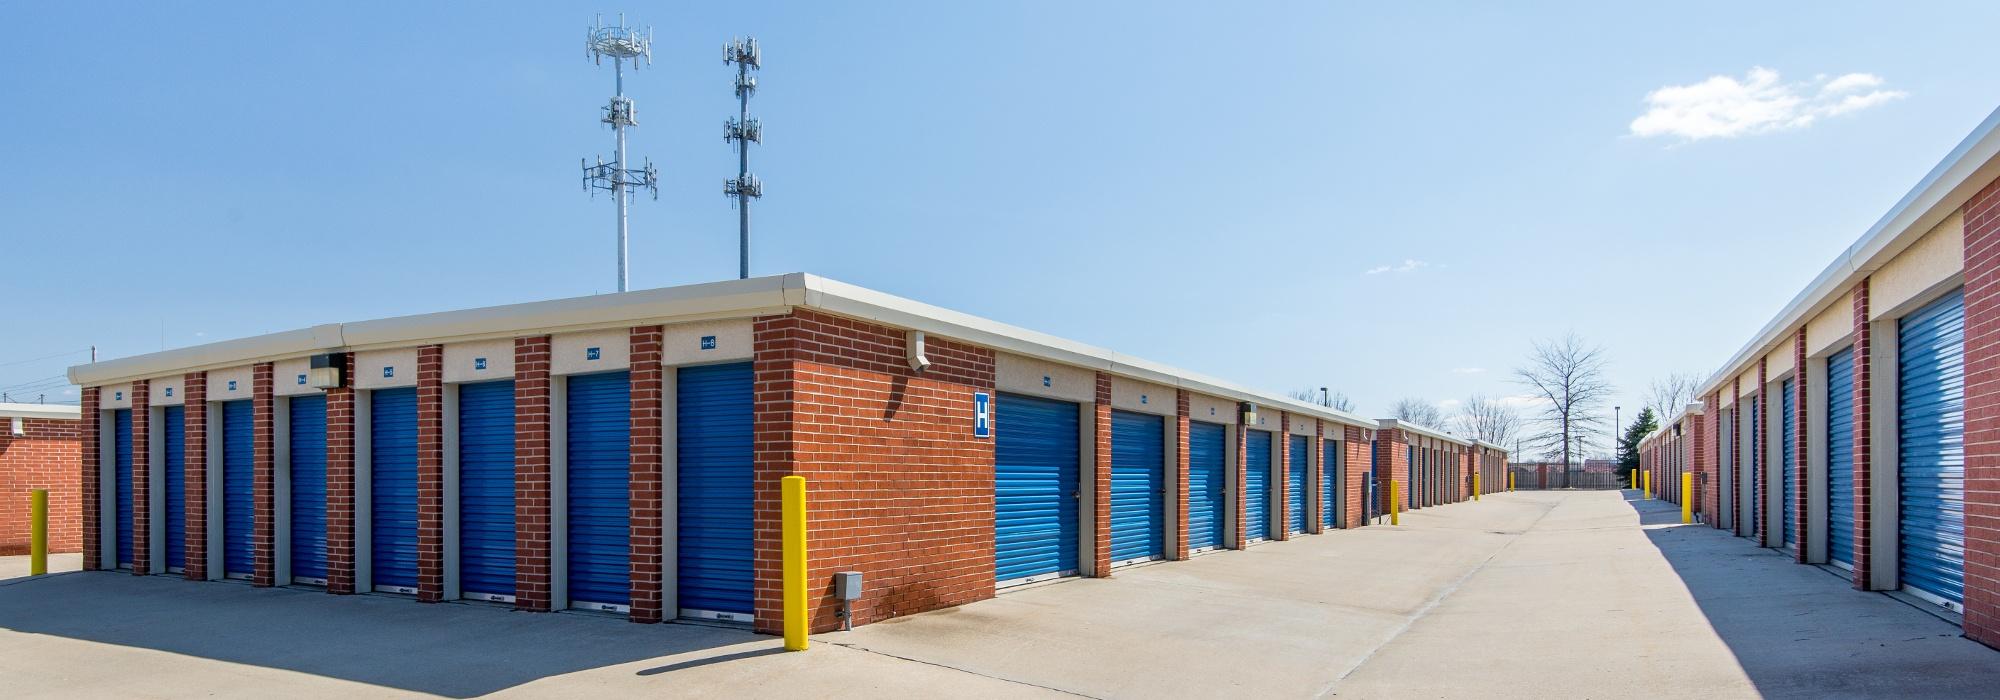 Self storage in Olathe KS